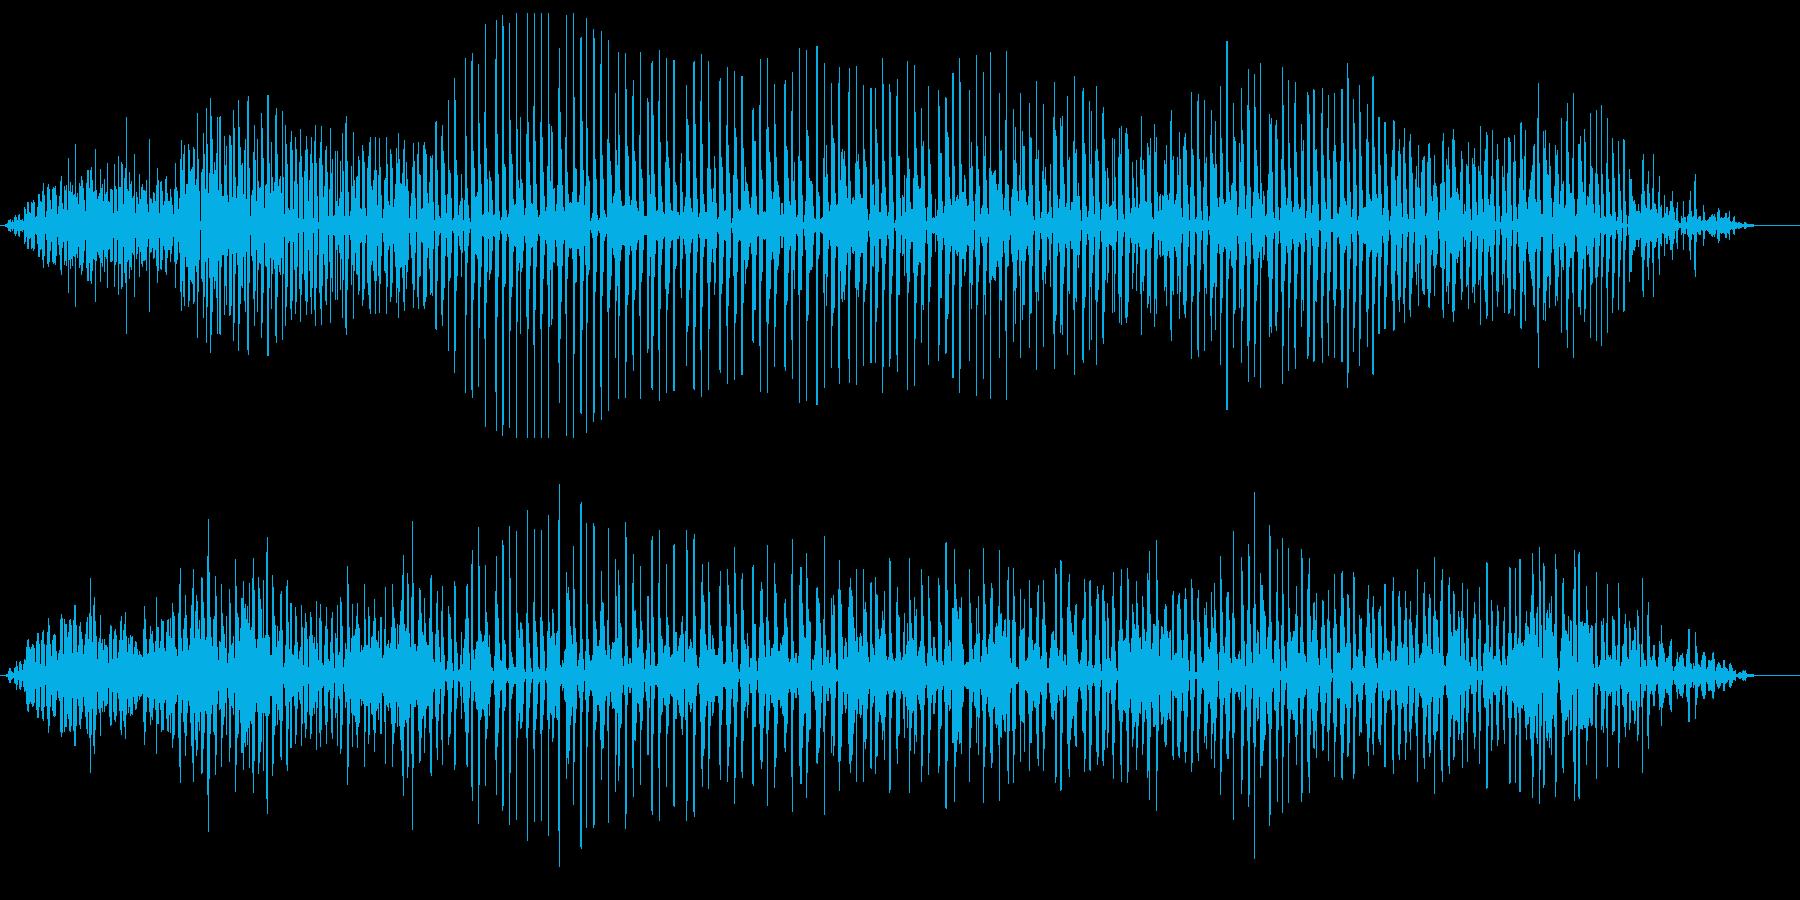 ヘリコプターのプロペラ音の再生済みの波形